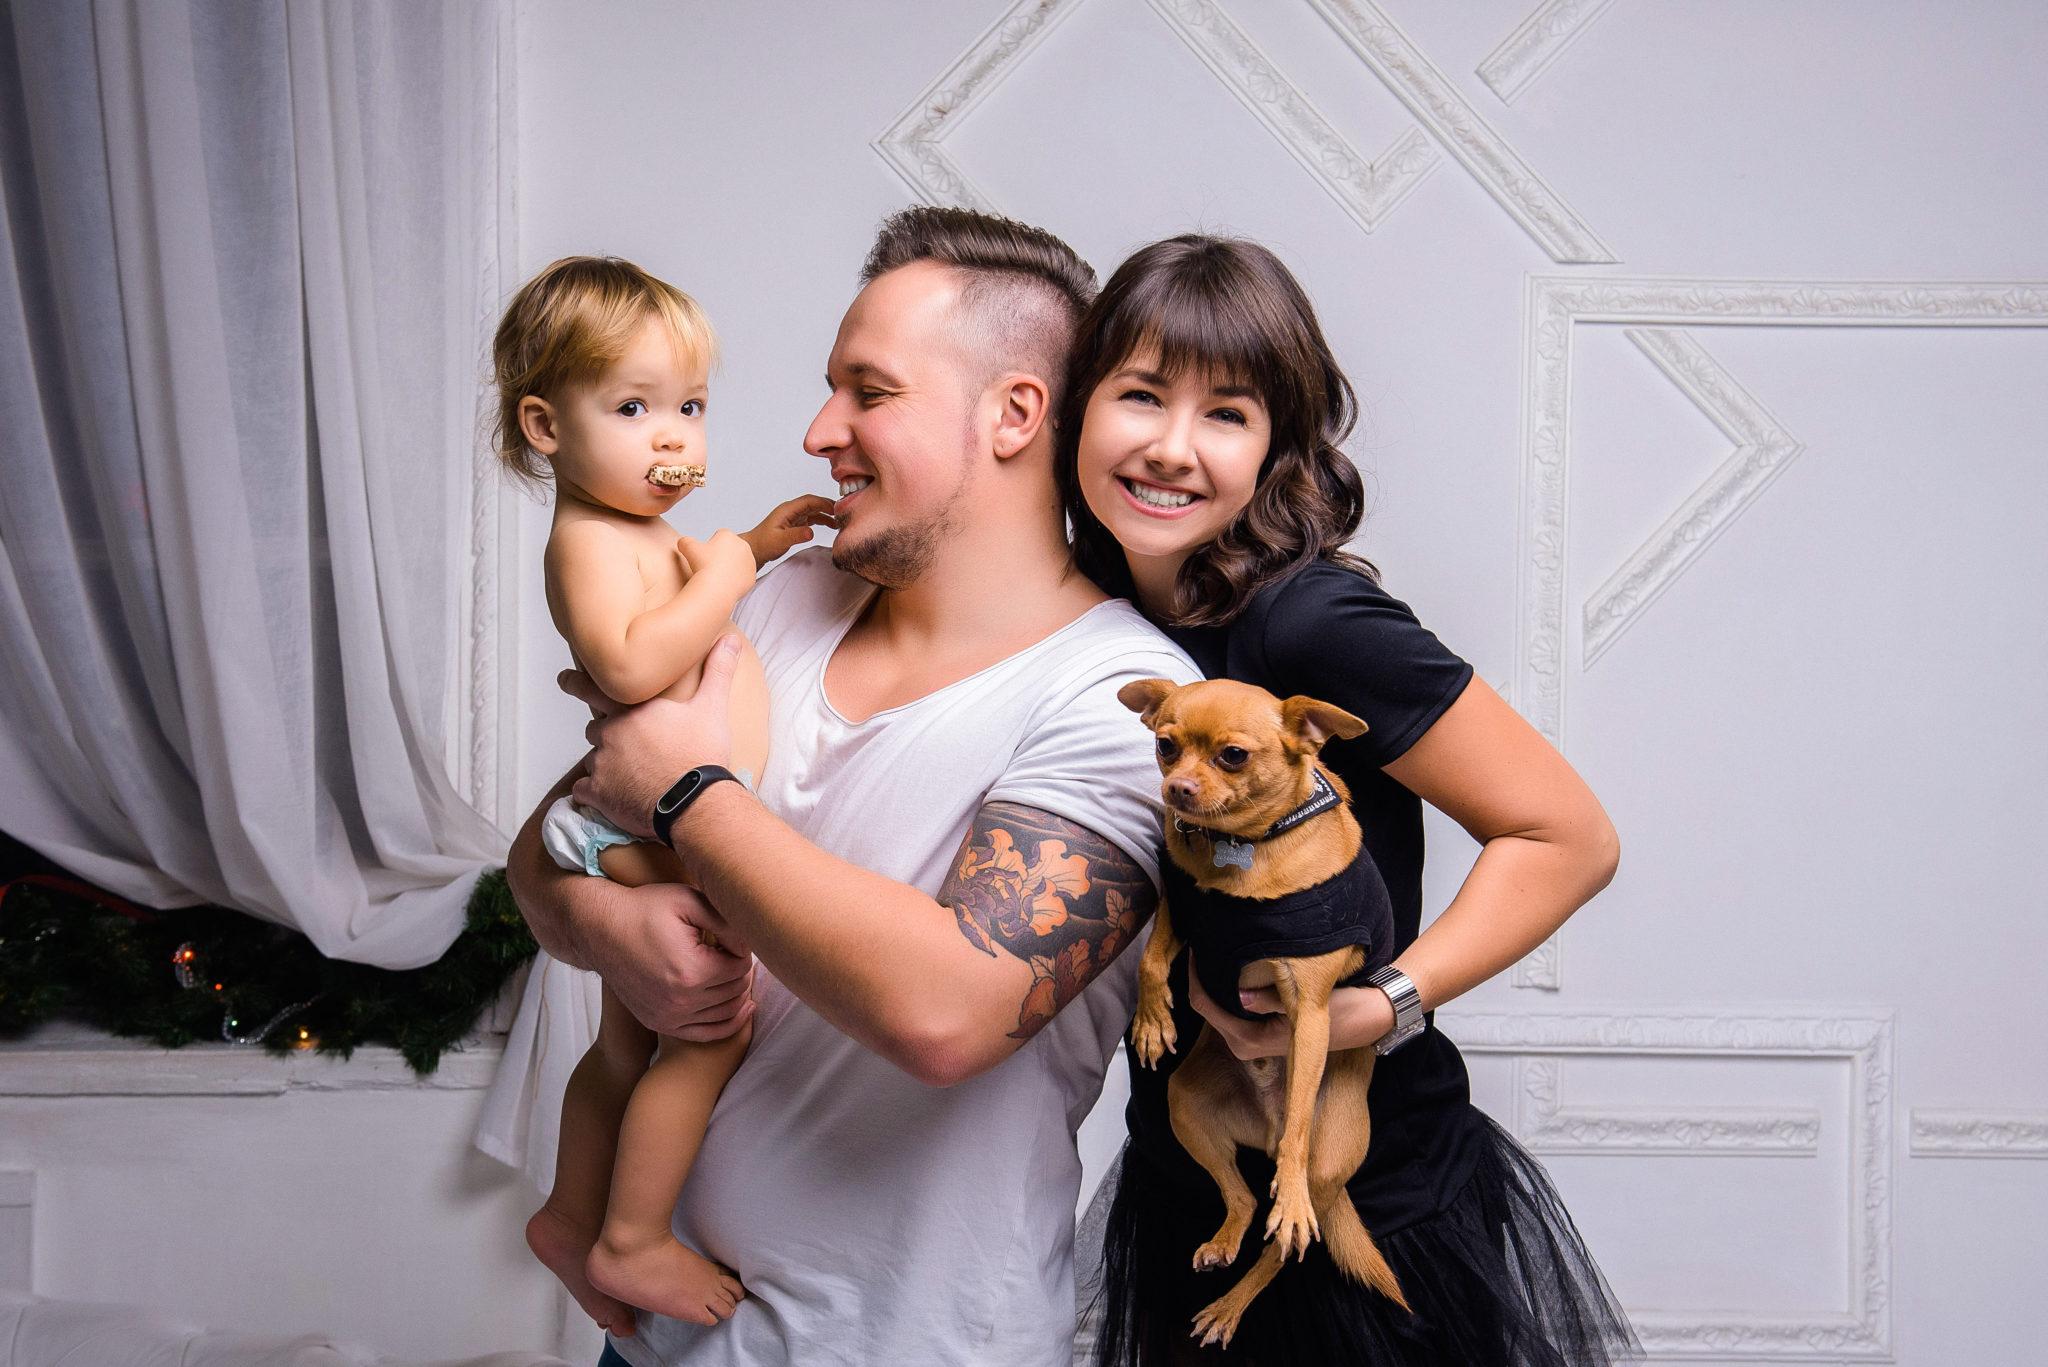 Портфолио студийная семейная фотосессия, семья из трех человек с собачкой на руках, на белом фоне